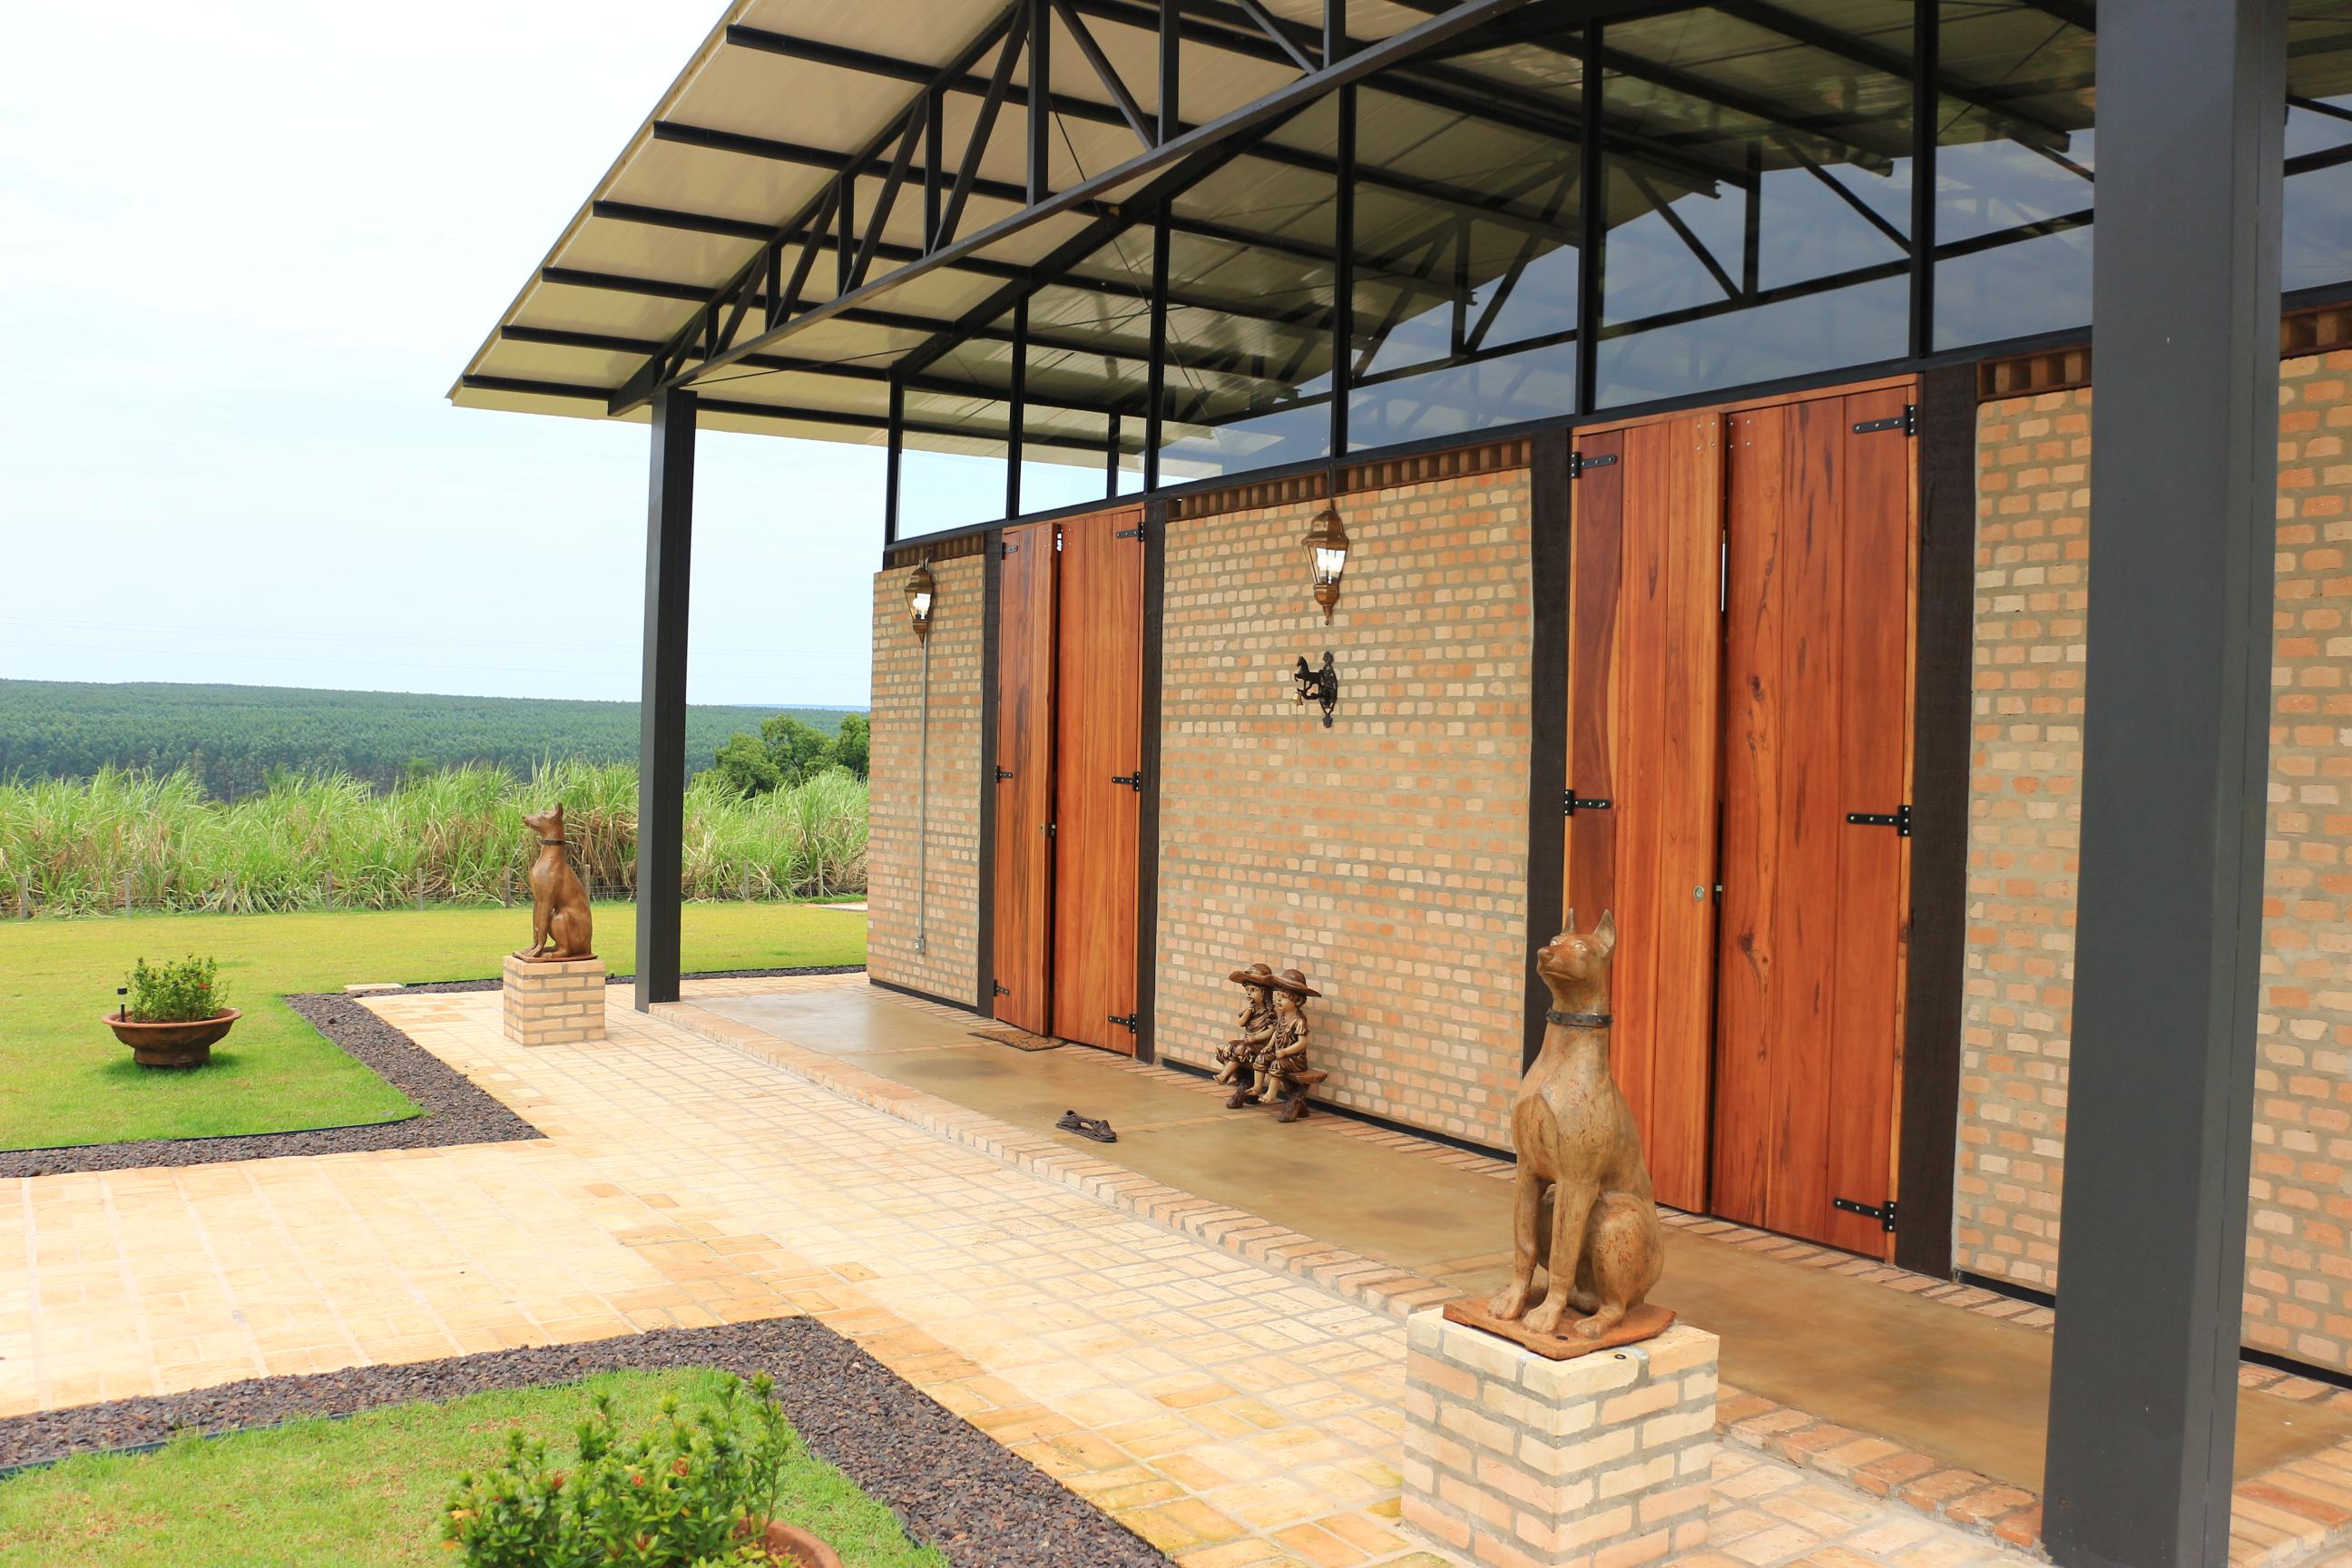 CASA GALPÃO (UM LOFT NO CAMPO) « TETO Arquitetura Sustentável e  #A64825 2592 1728